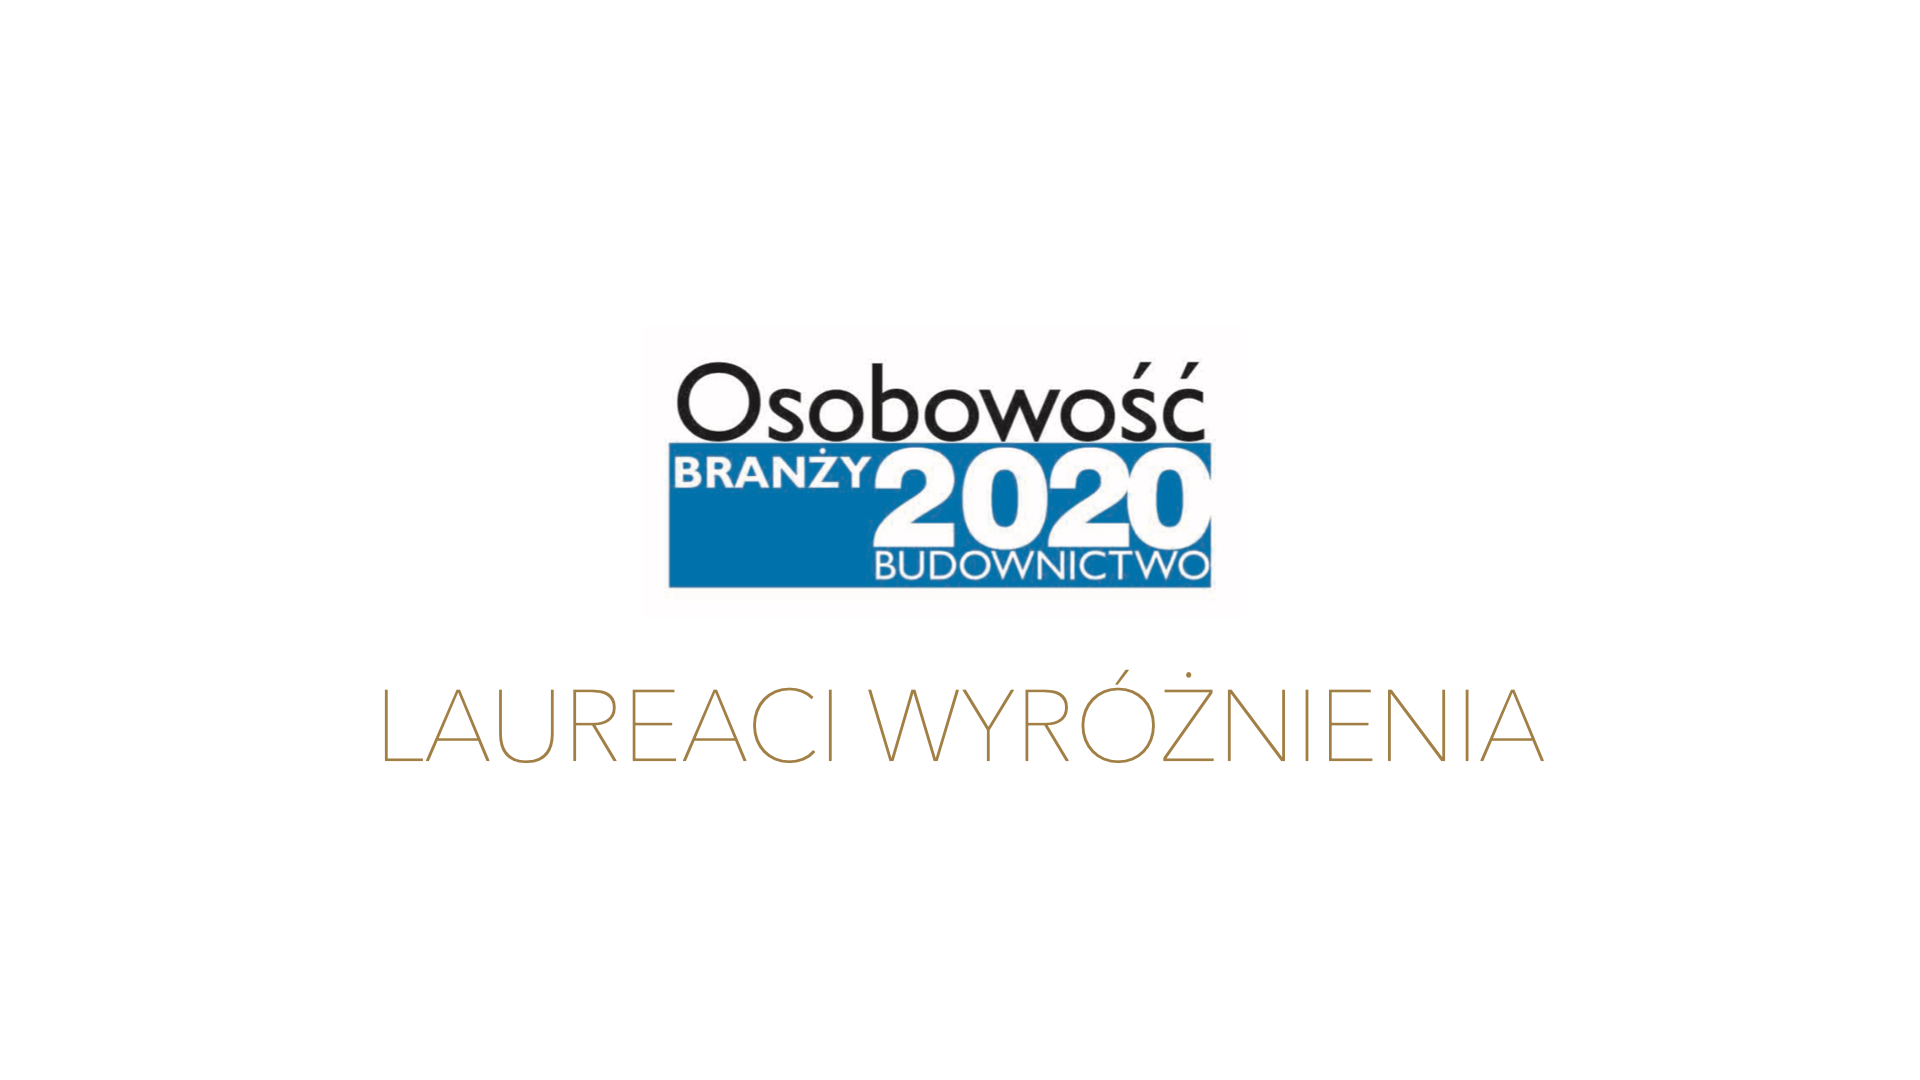 LAUREACI WYRÓŻNIENIA OSOBOWOŚĆ BRANŻY 2020